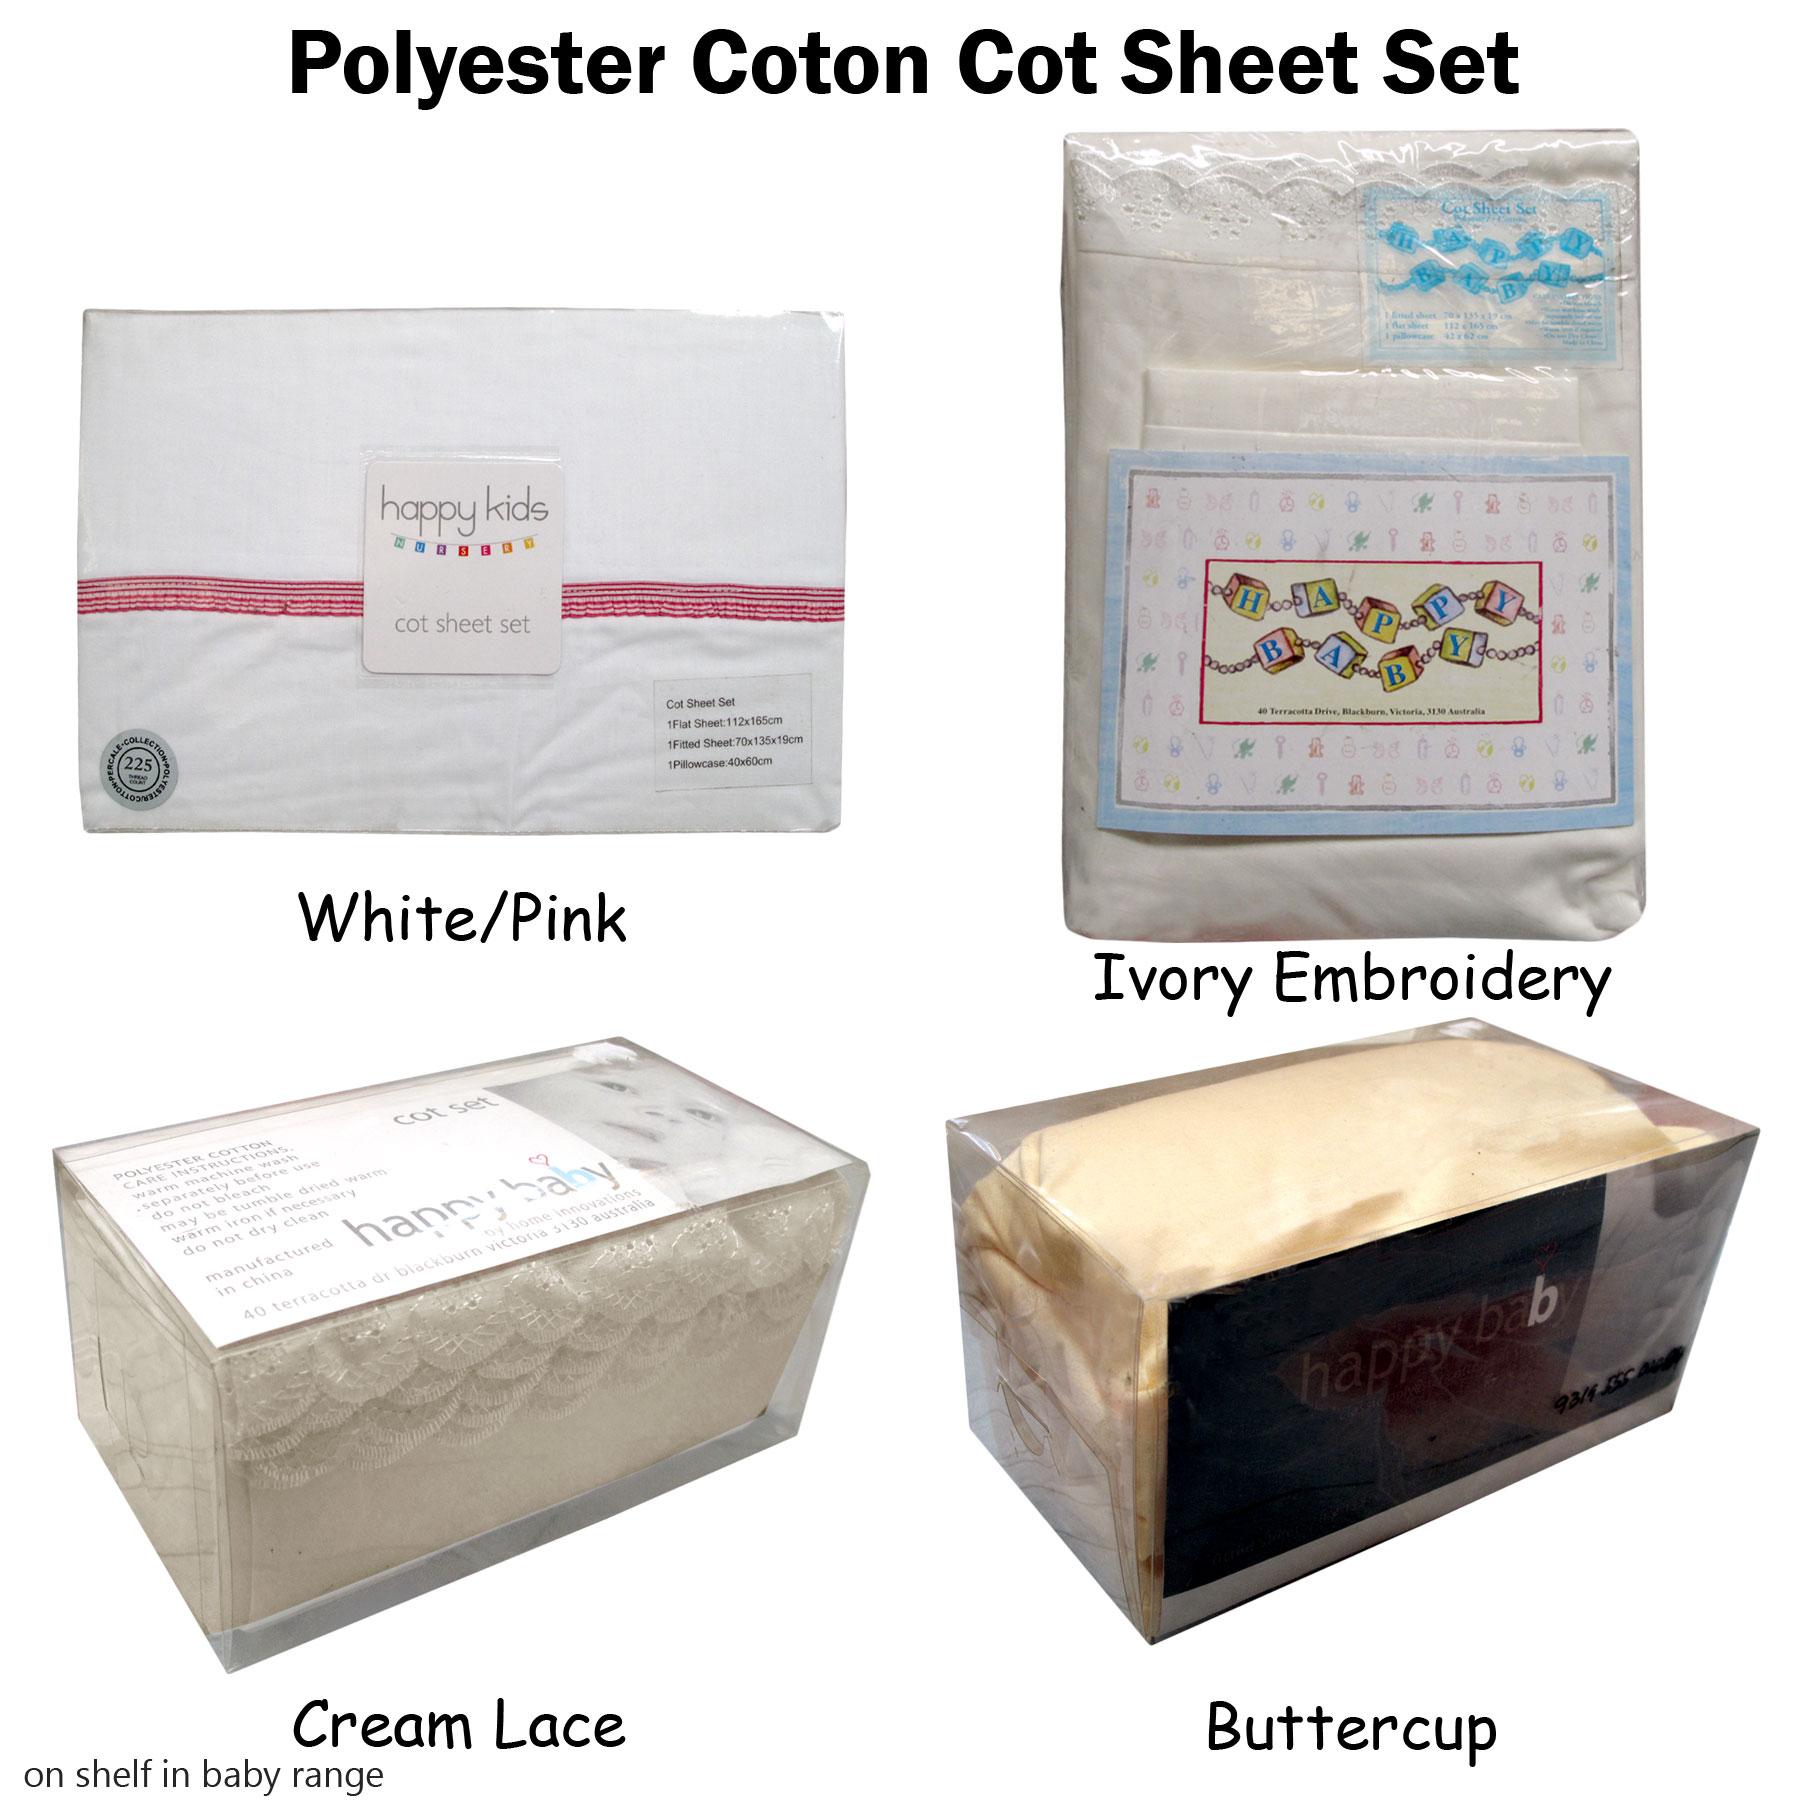 COT BED COTTON SHEET SET CREAM LACE DETAIL